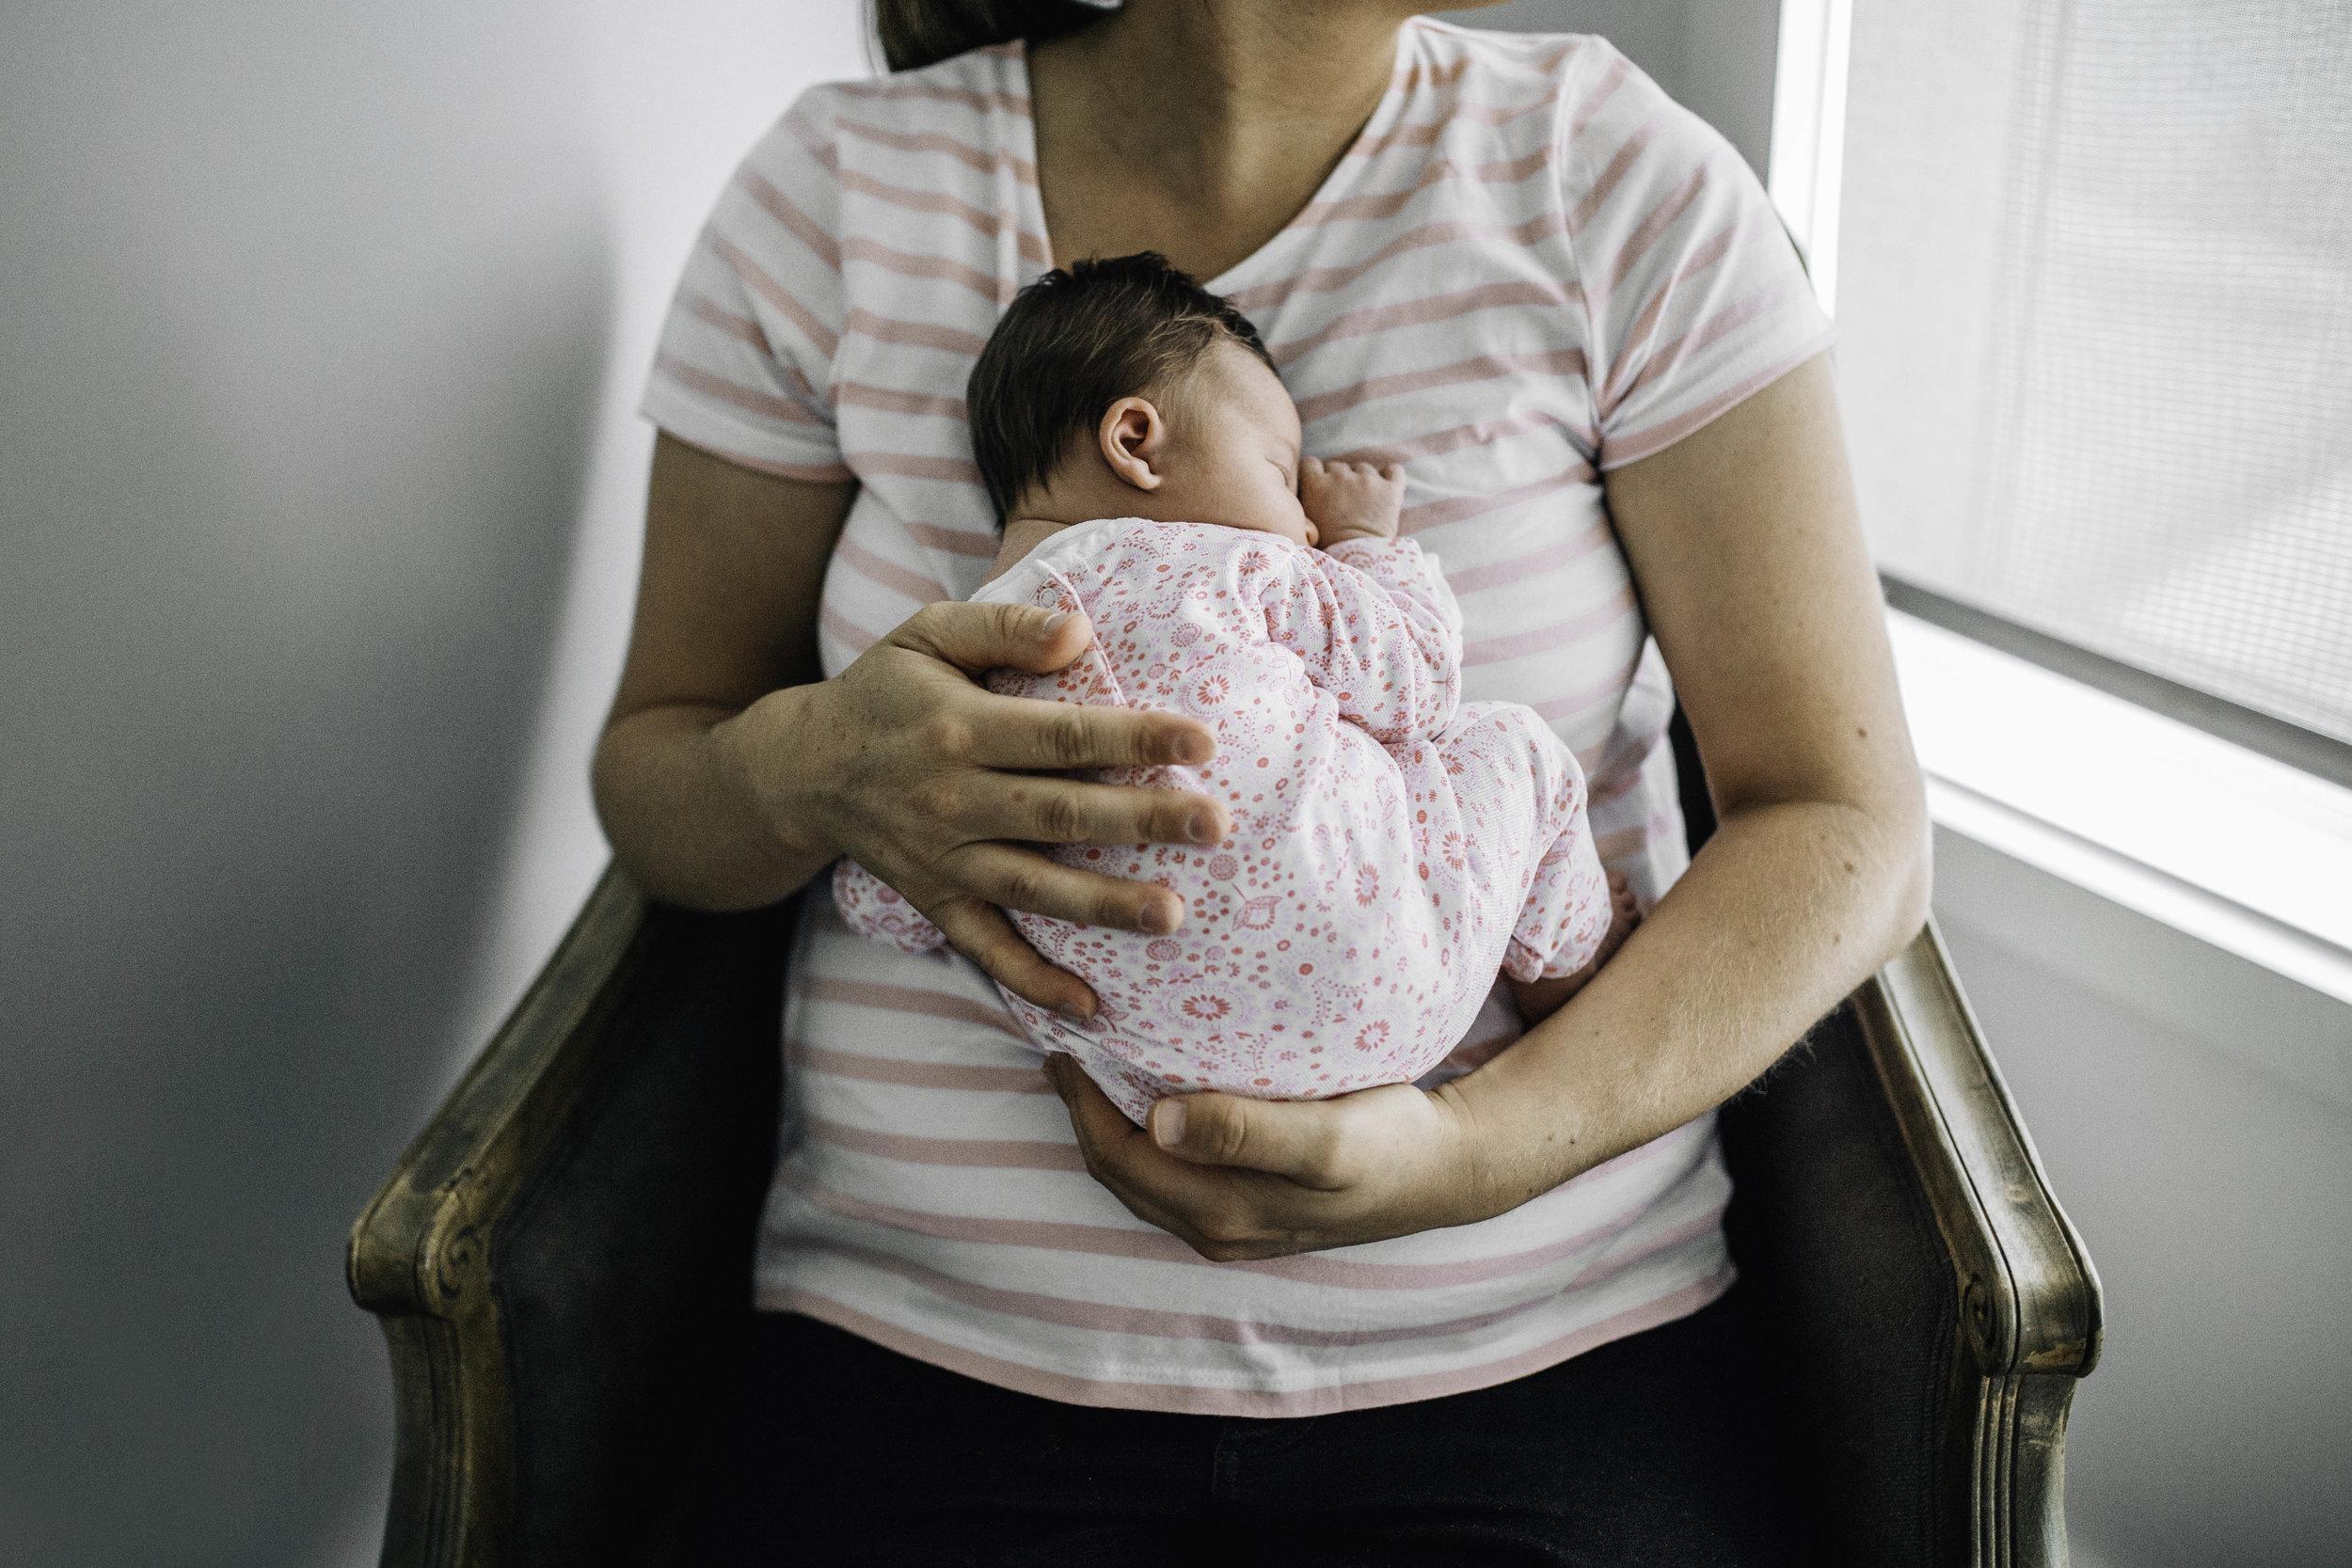 mother-cradling-newborn-baby-in-her-lap.jpg